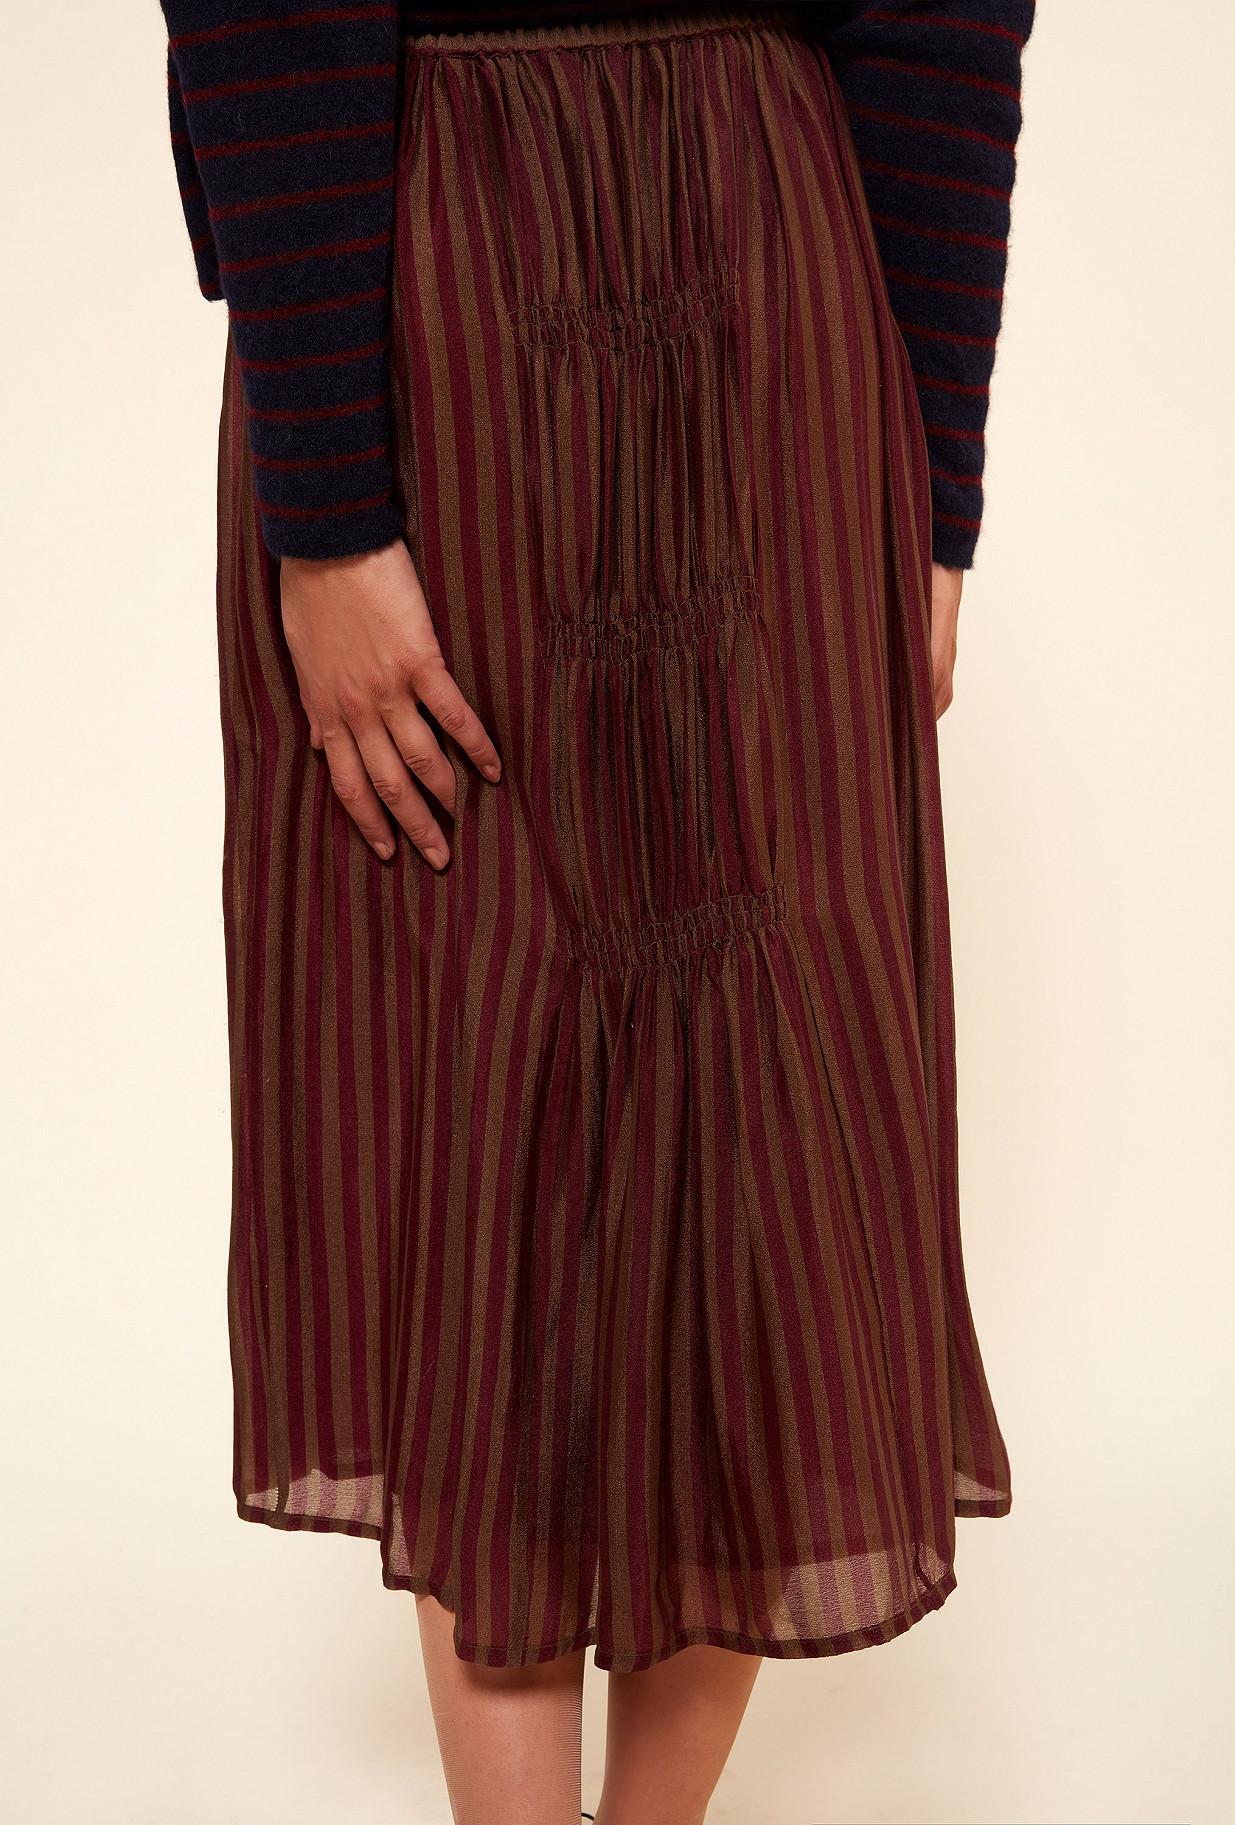 Paris boutique de mode vêtement Jupe créateur bohème  Chaton